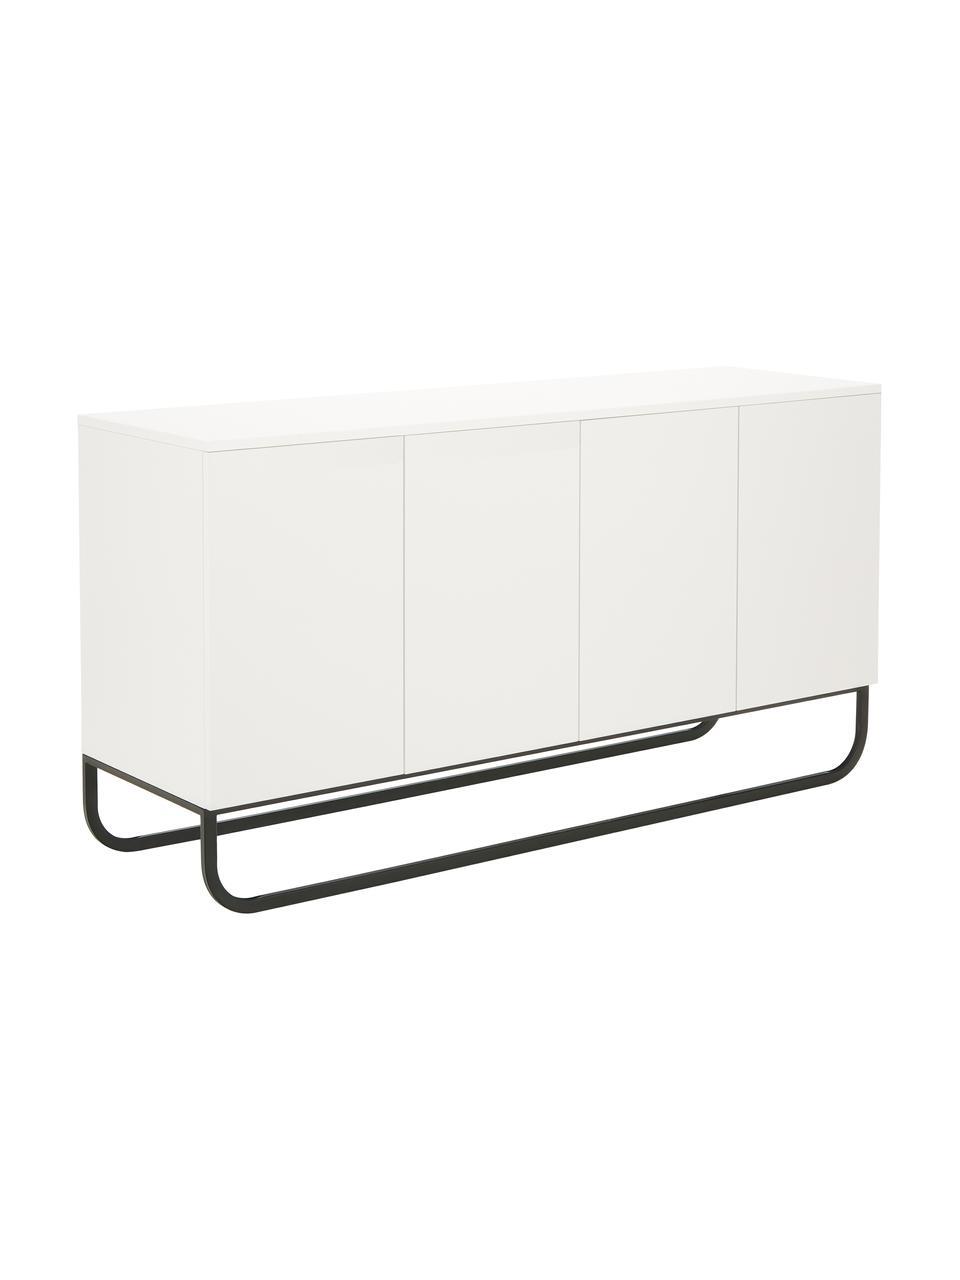 Klassisches Sideboard Sanford mit Türen in Weiß, Korpus: Mitteldichte Holzfaserpla, Fußgestell: Metall, pulverbeschichtet, Weiß, 160 x 83 cm